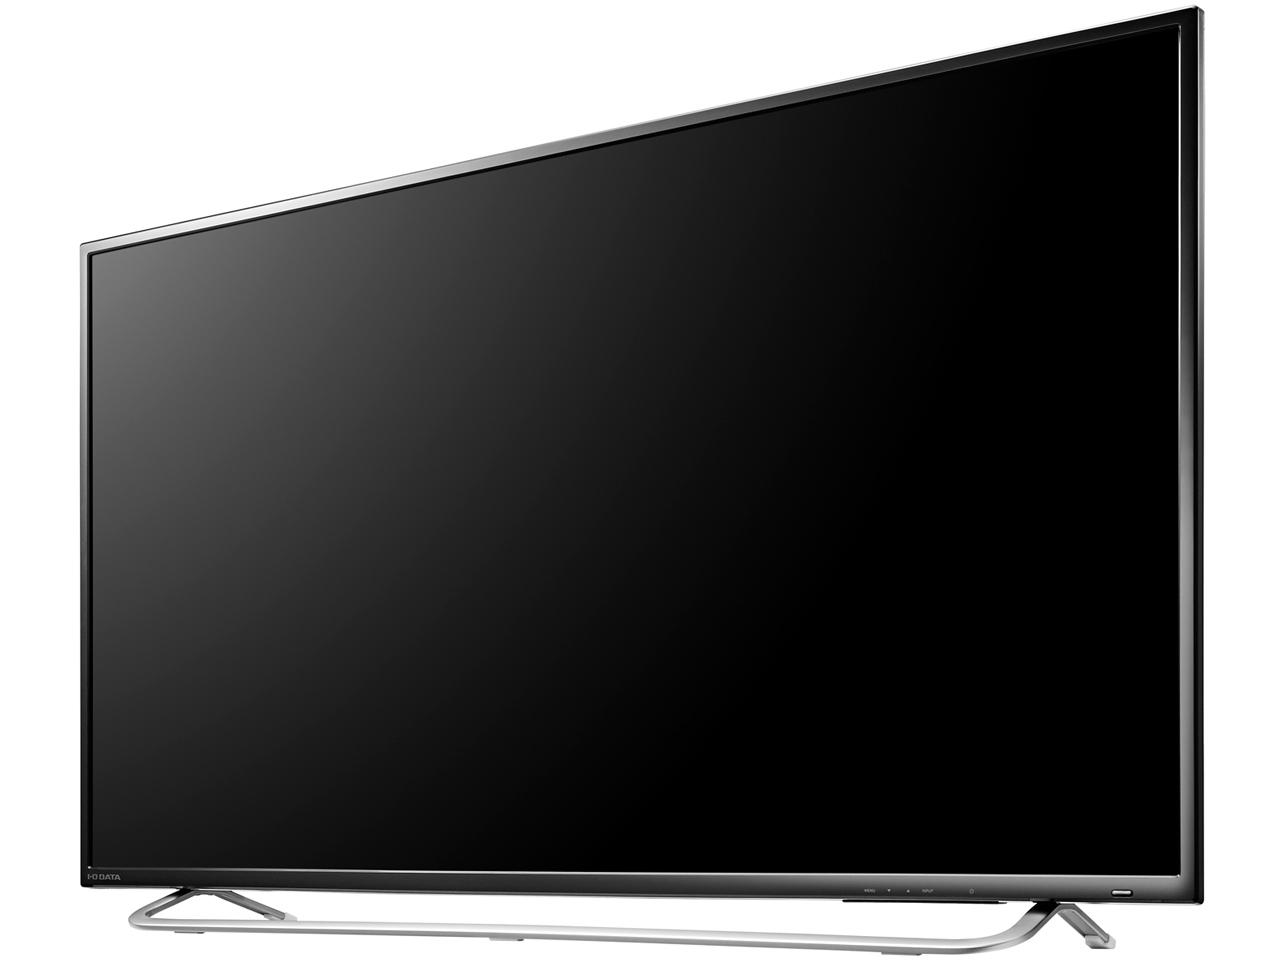 『本体 斜め1』 LCD-M4K431XDB [43インチ ブラック] の製品画像